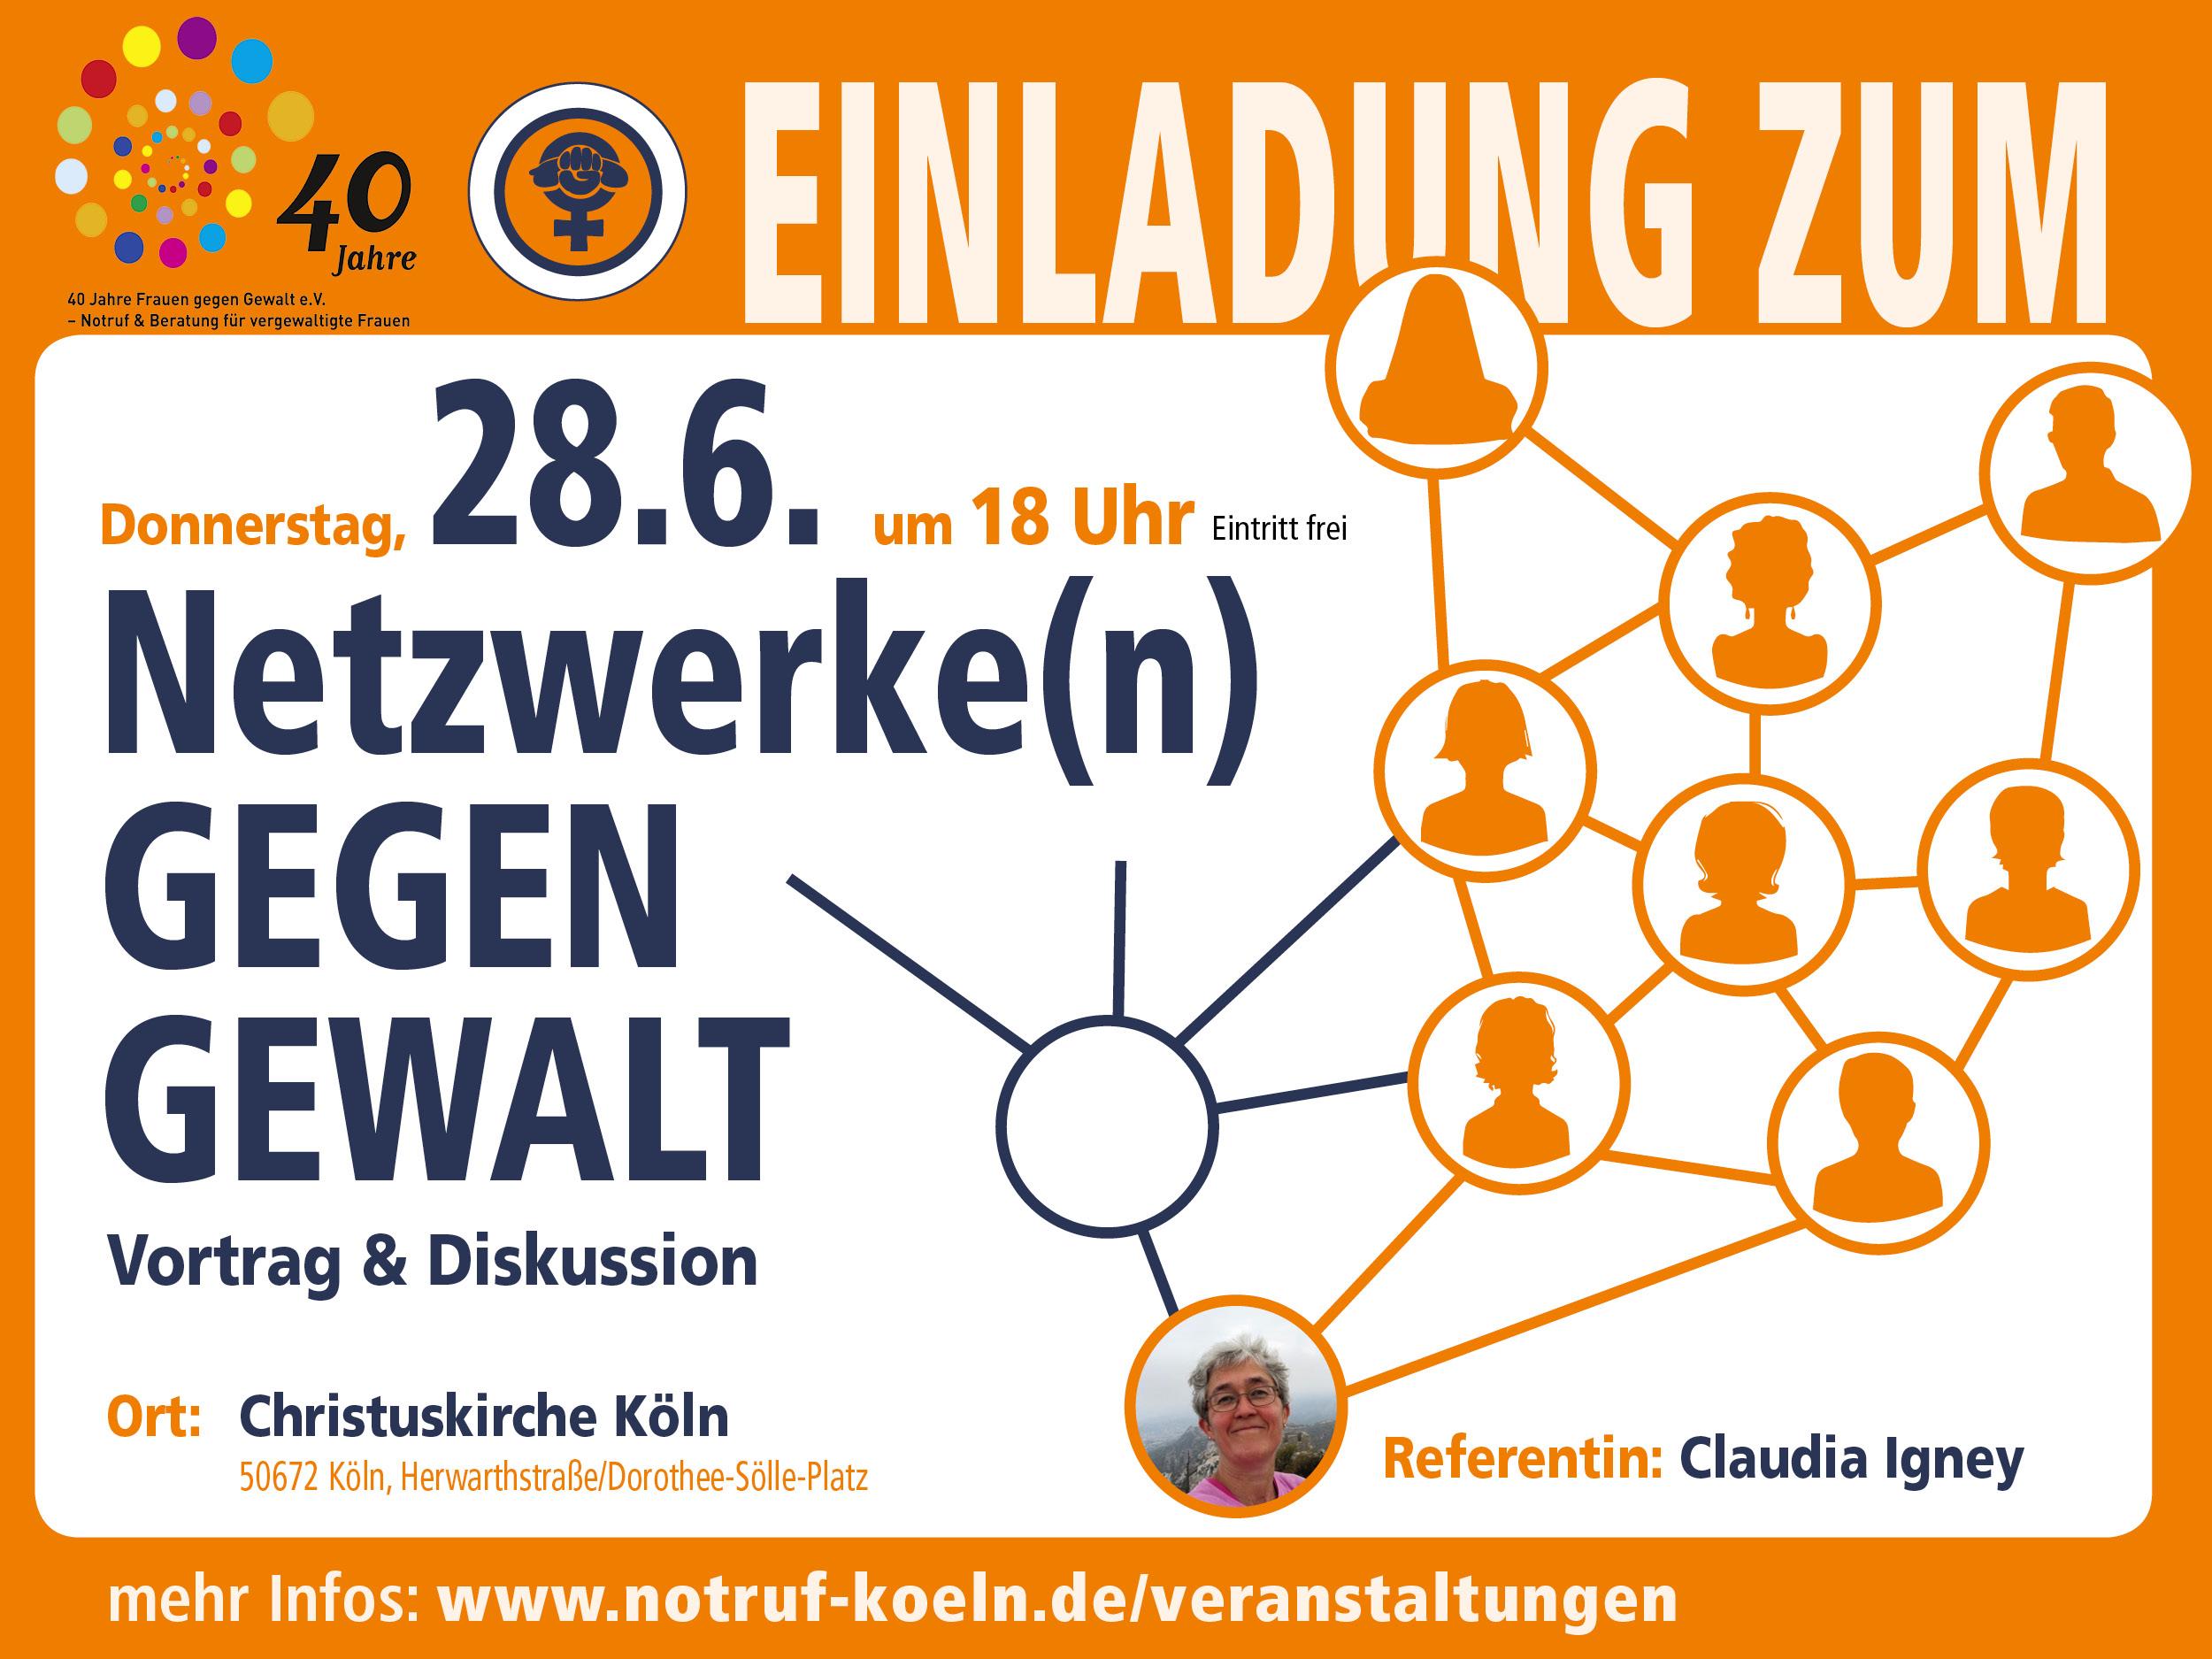 28.6.2018: Netzwerke(n) gegen Gewalt